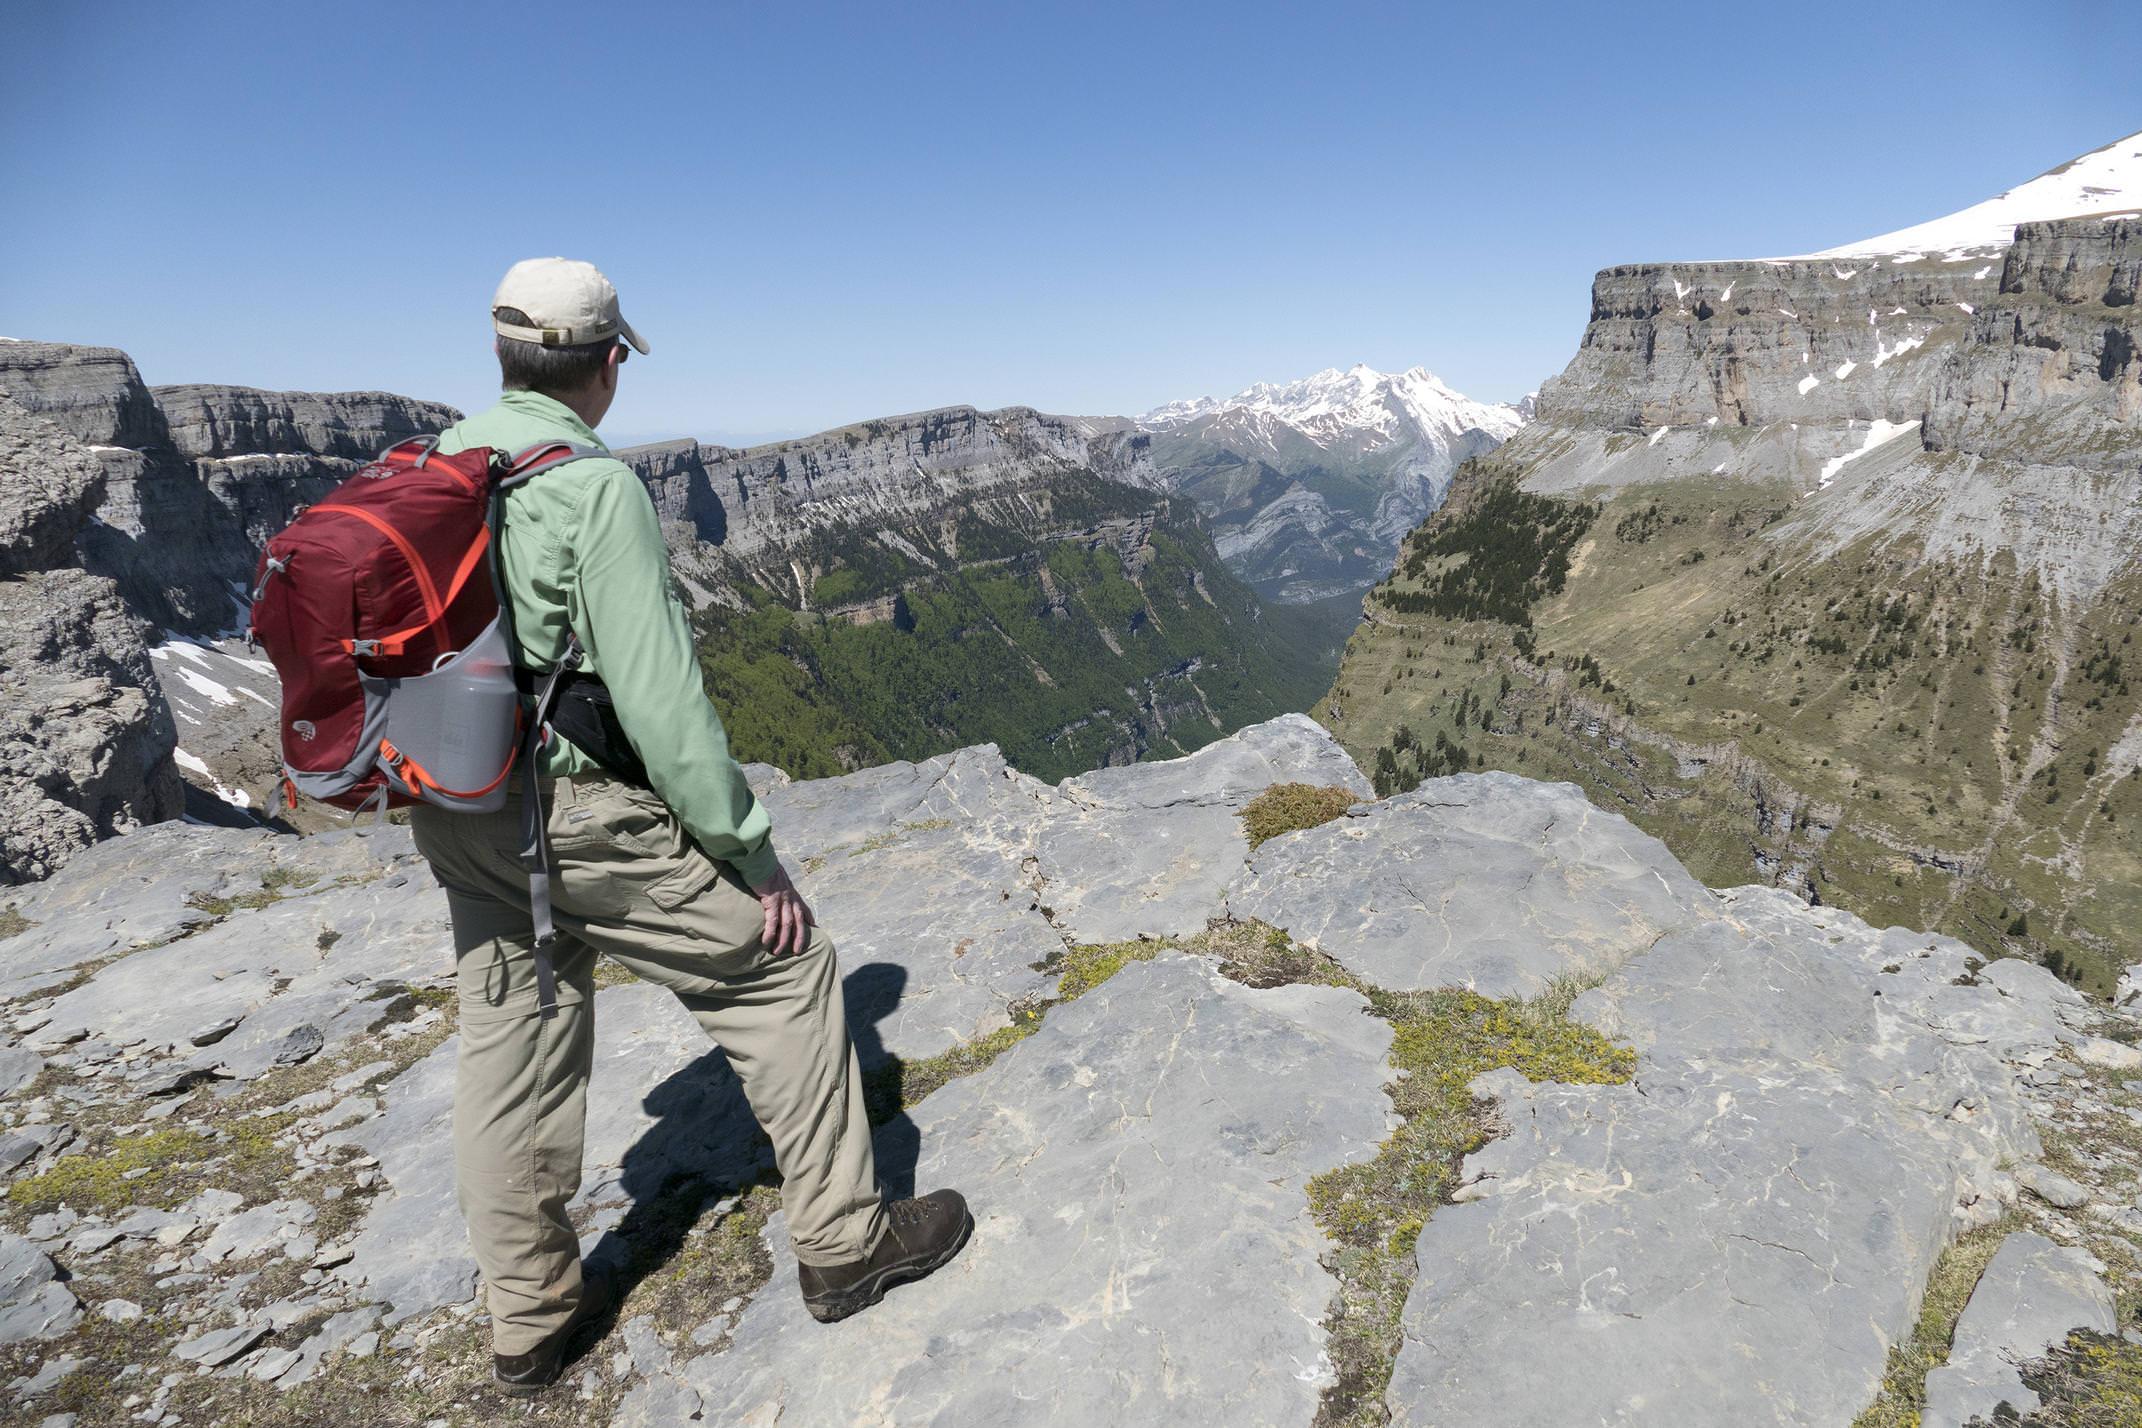 Spain pyrenees huesca ordesa miradores 2 pura aventura